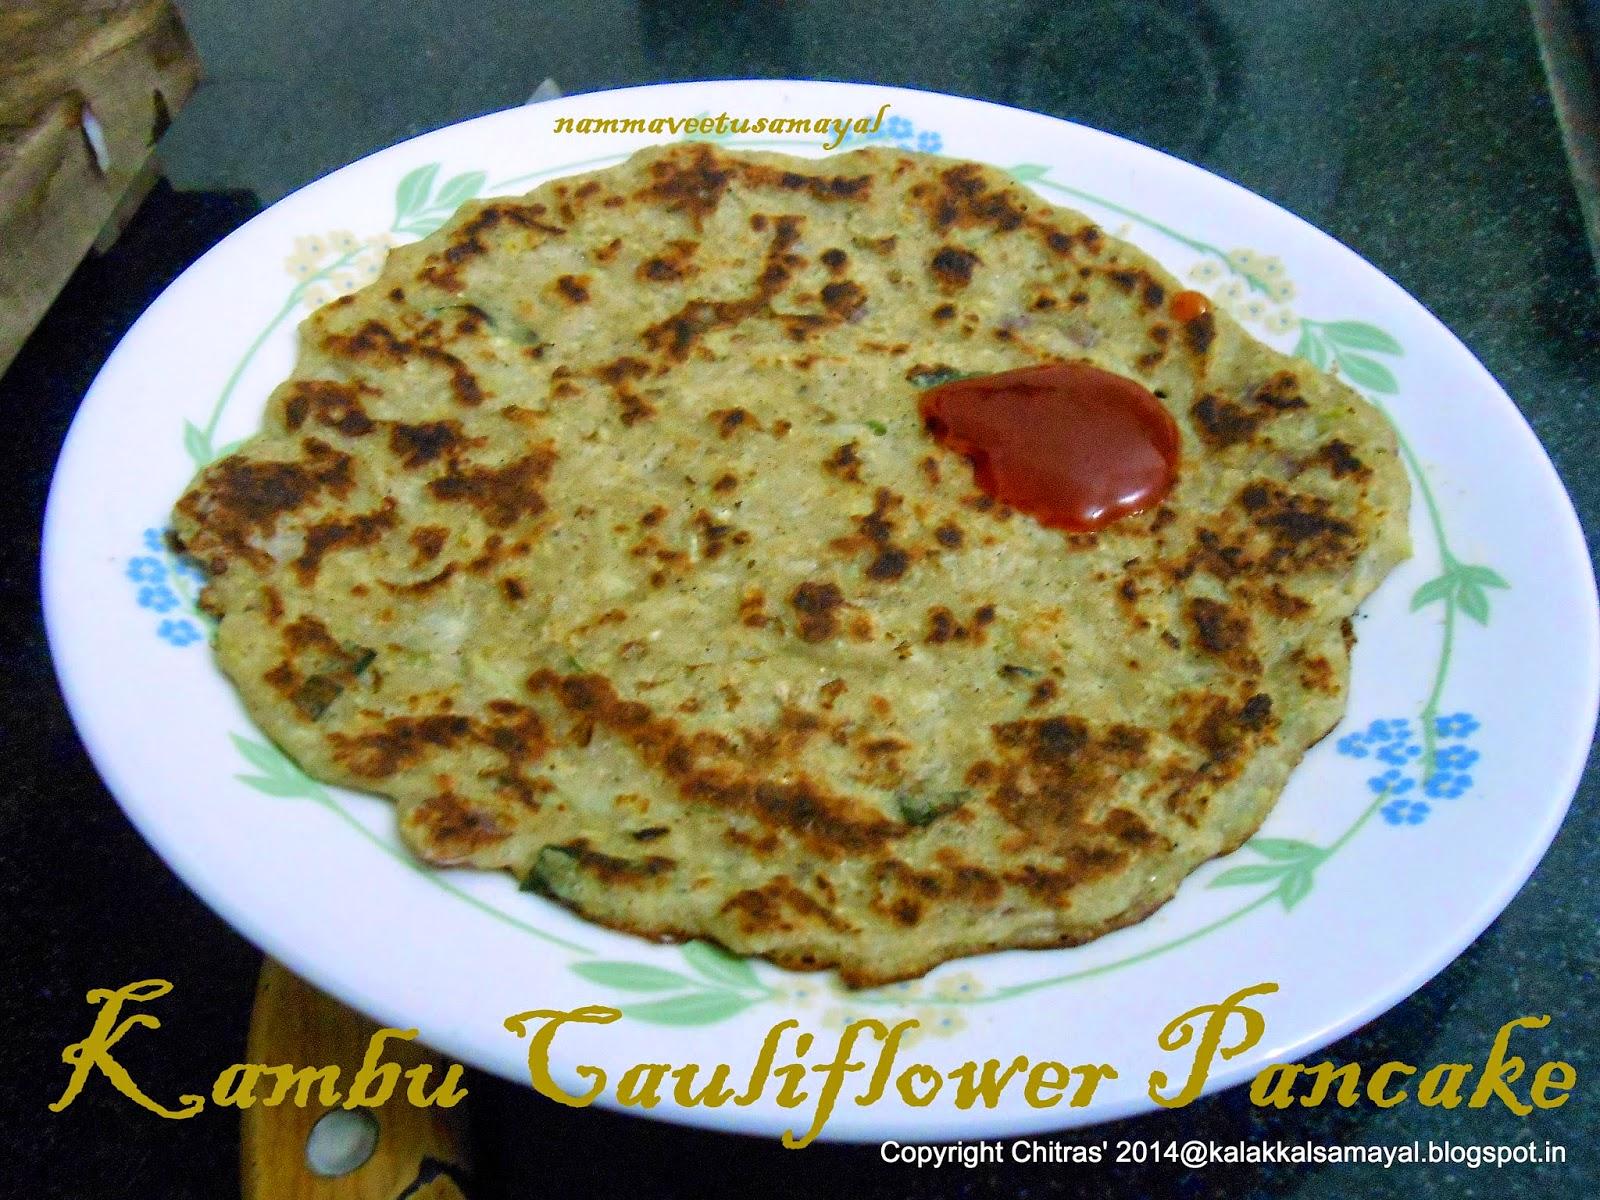 Kambu Cauliflower Pancake